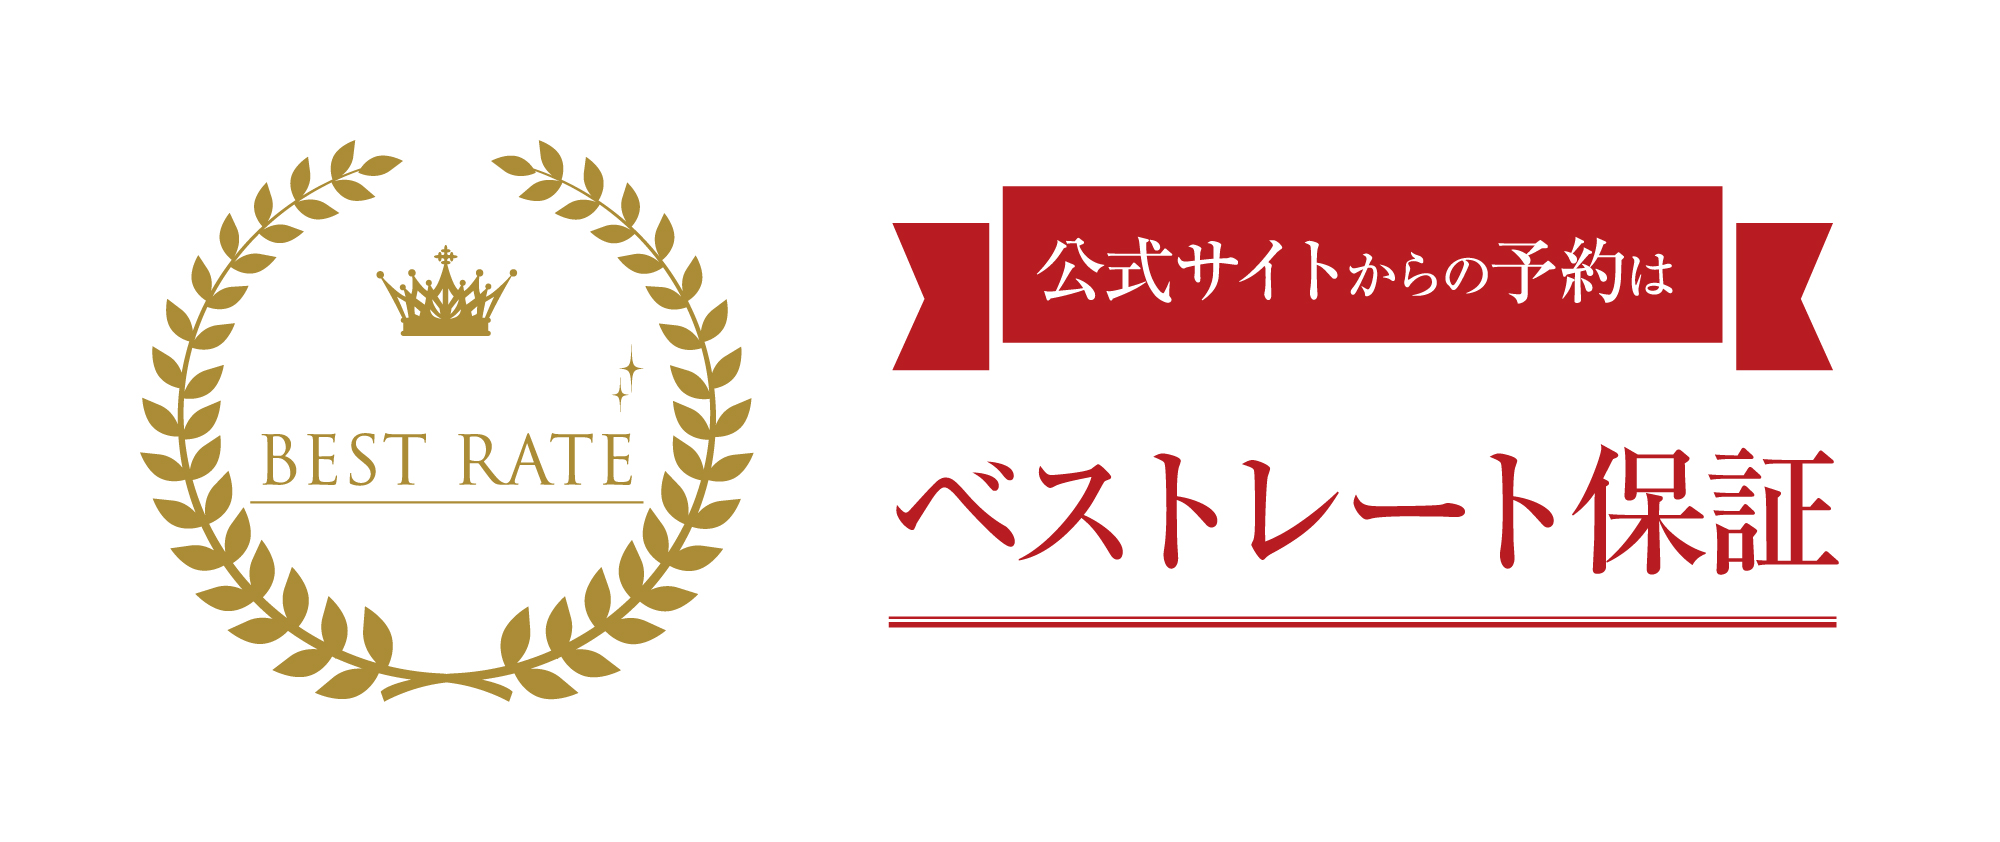 【公式サイト限定のご予約特典】京都ホテルオークラのベストレート保証新着情報イメージ4